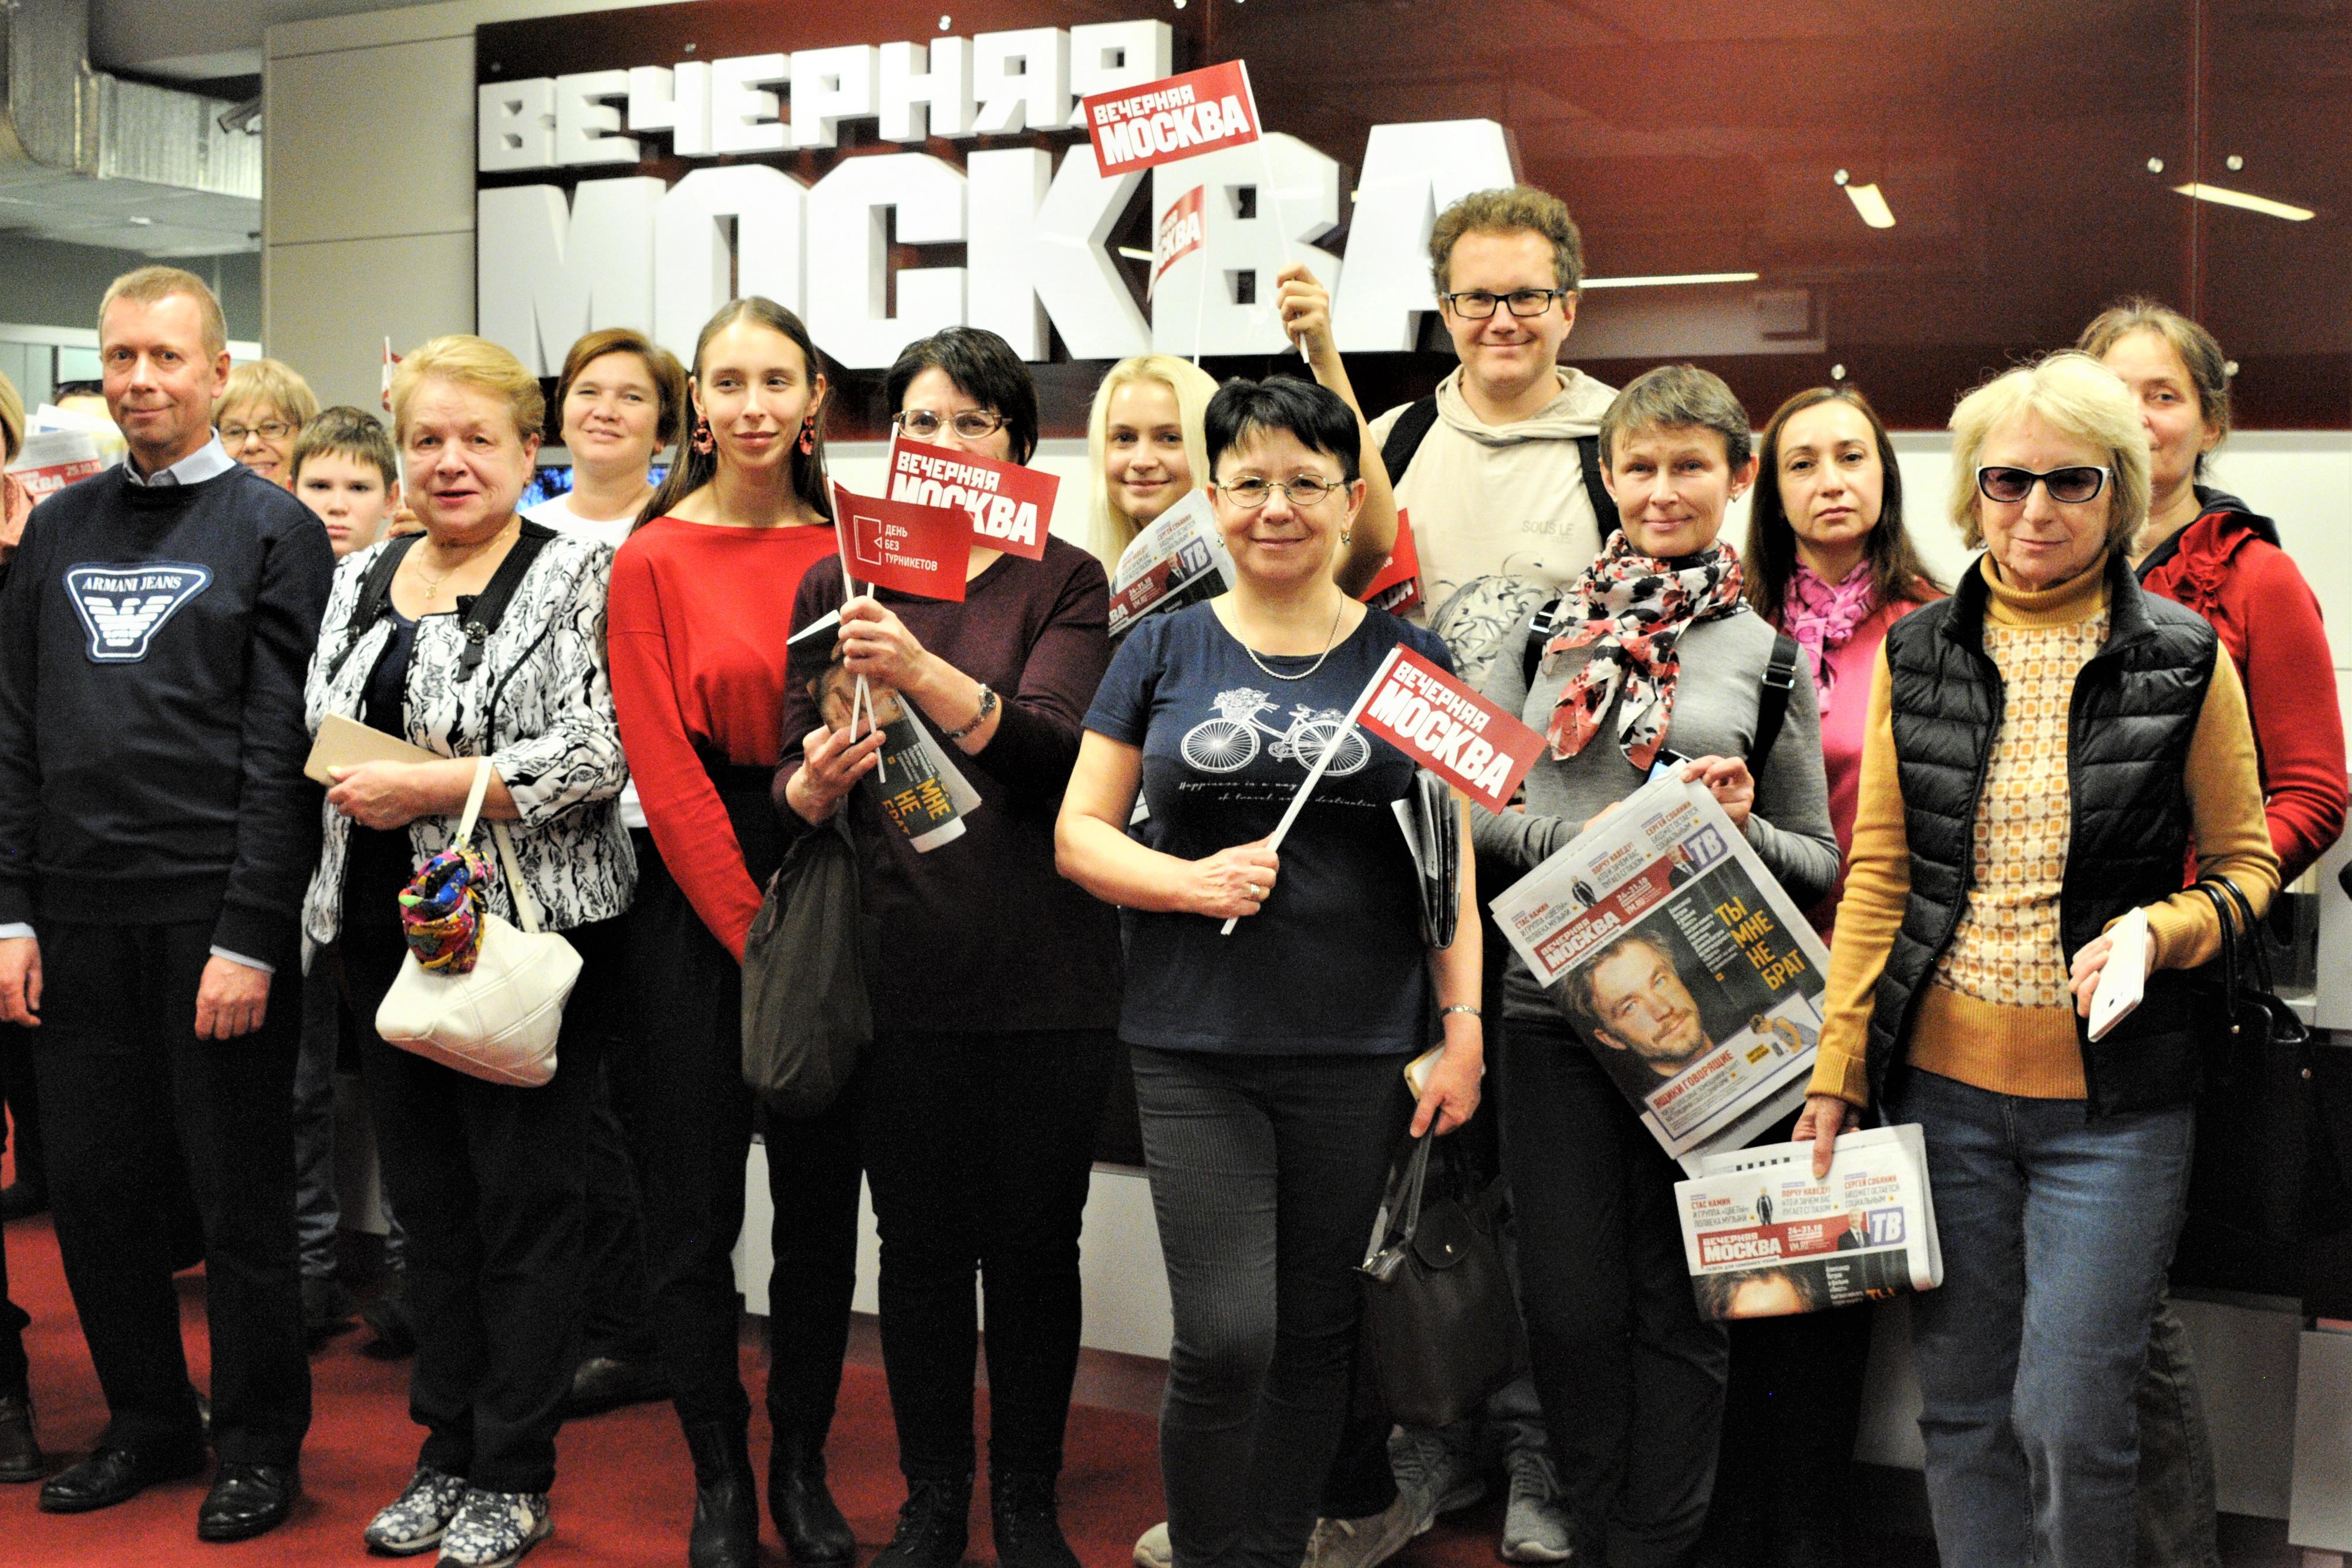 владеющий газеты москвы фото интересную, богатую событиями